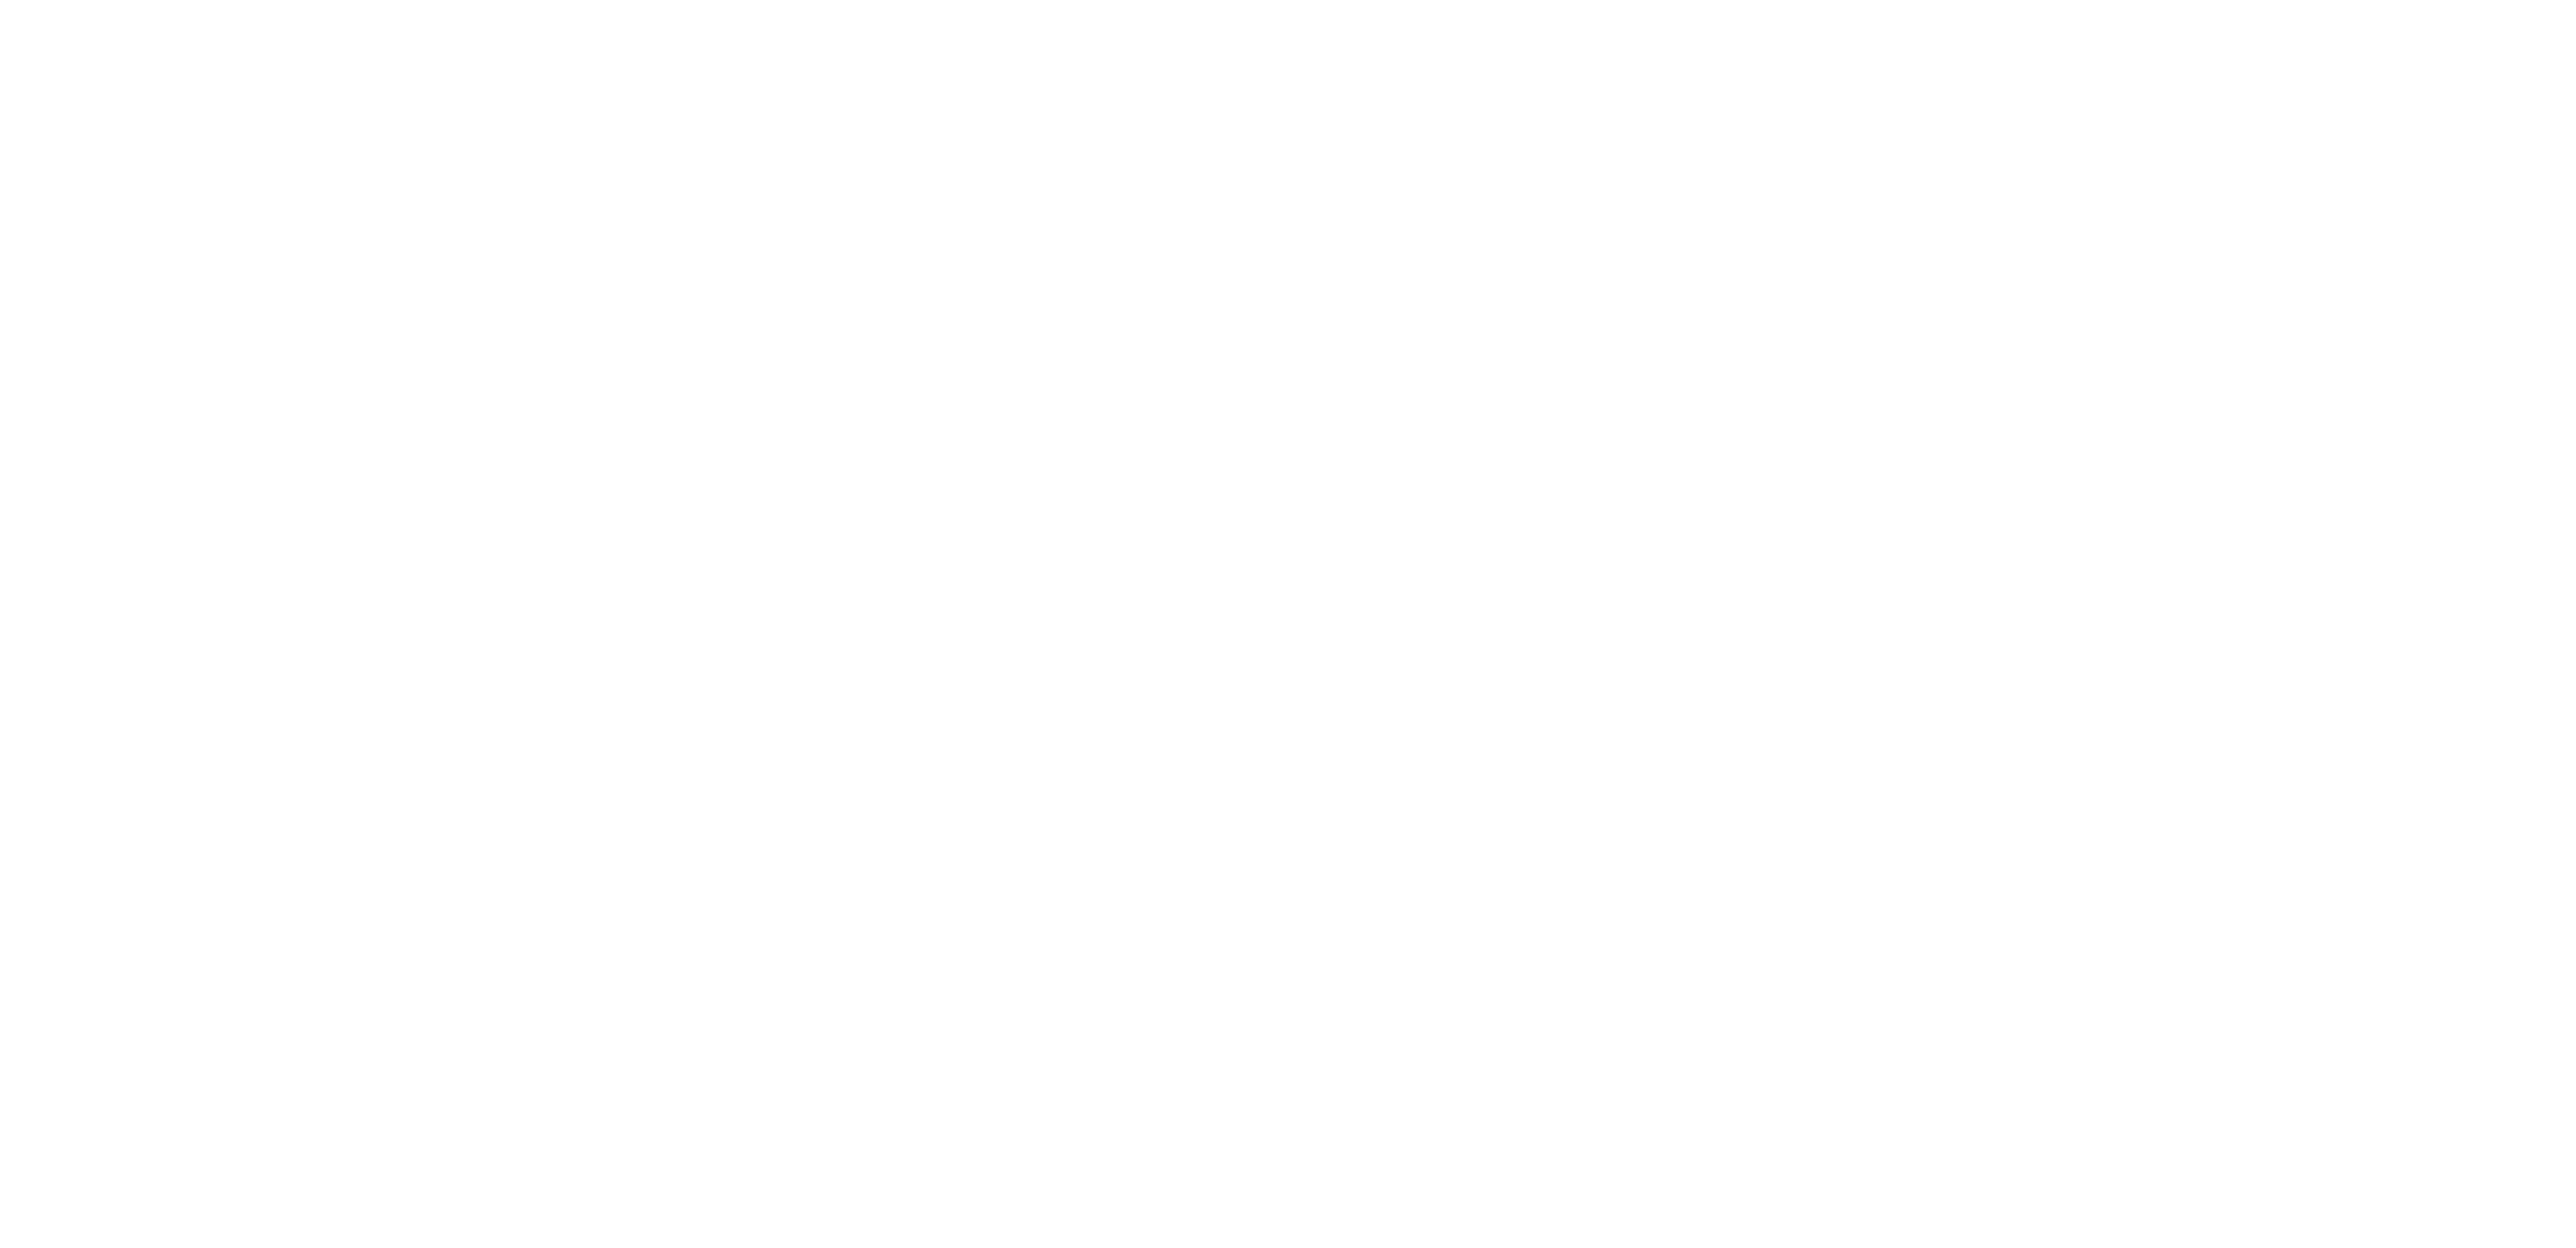 Ahuvi